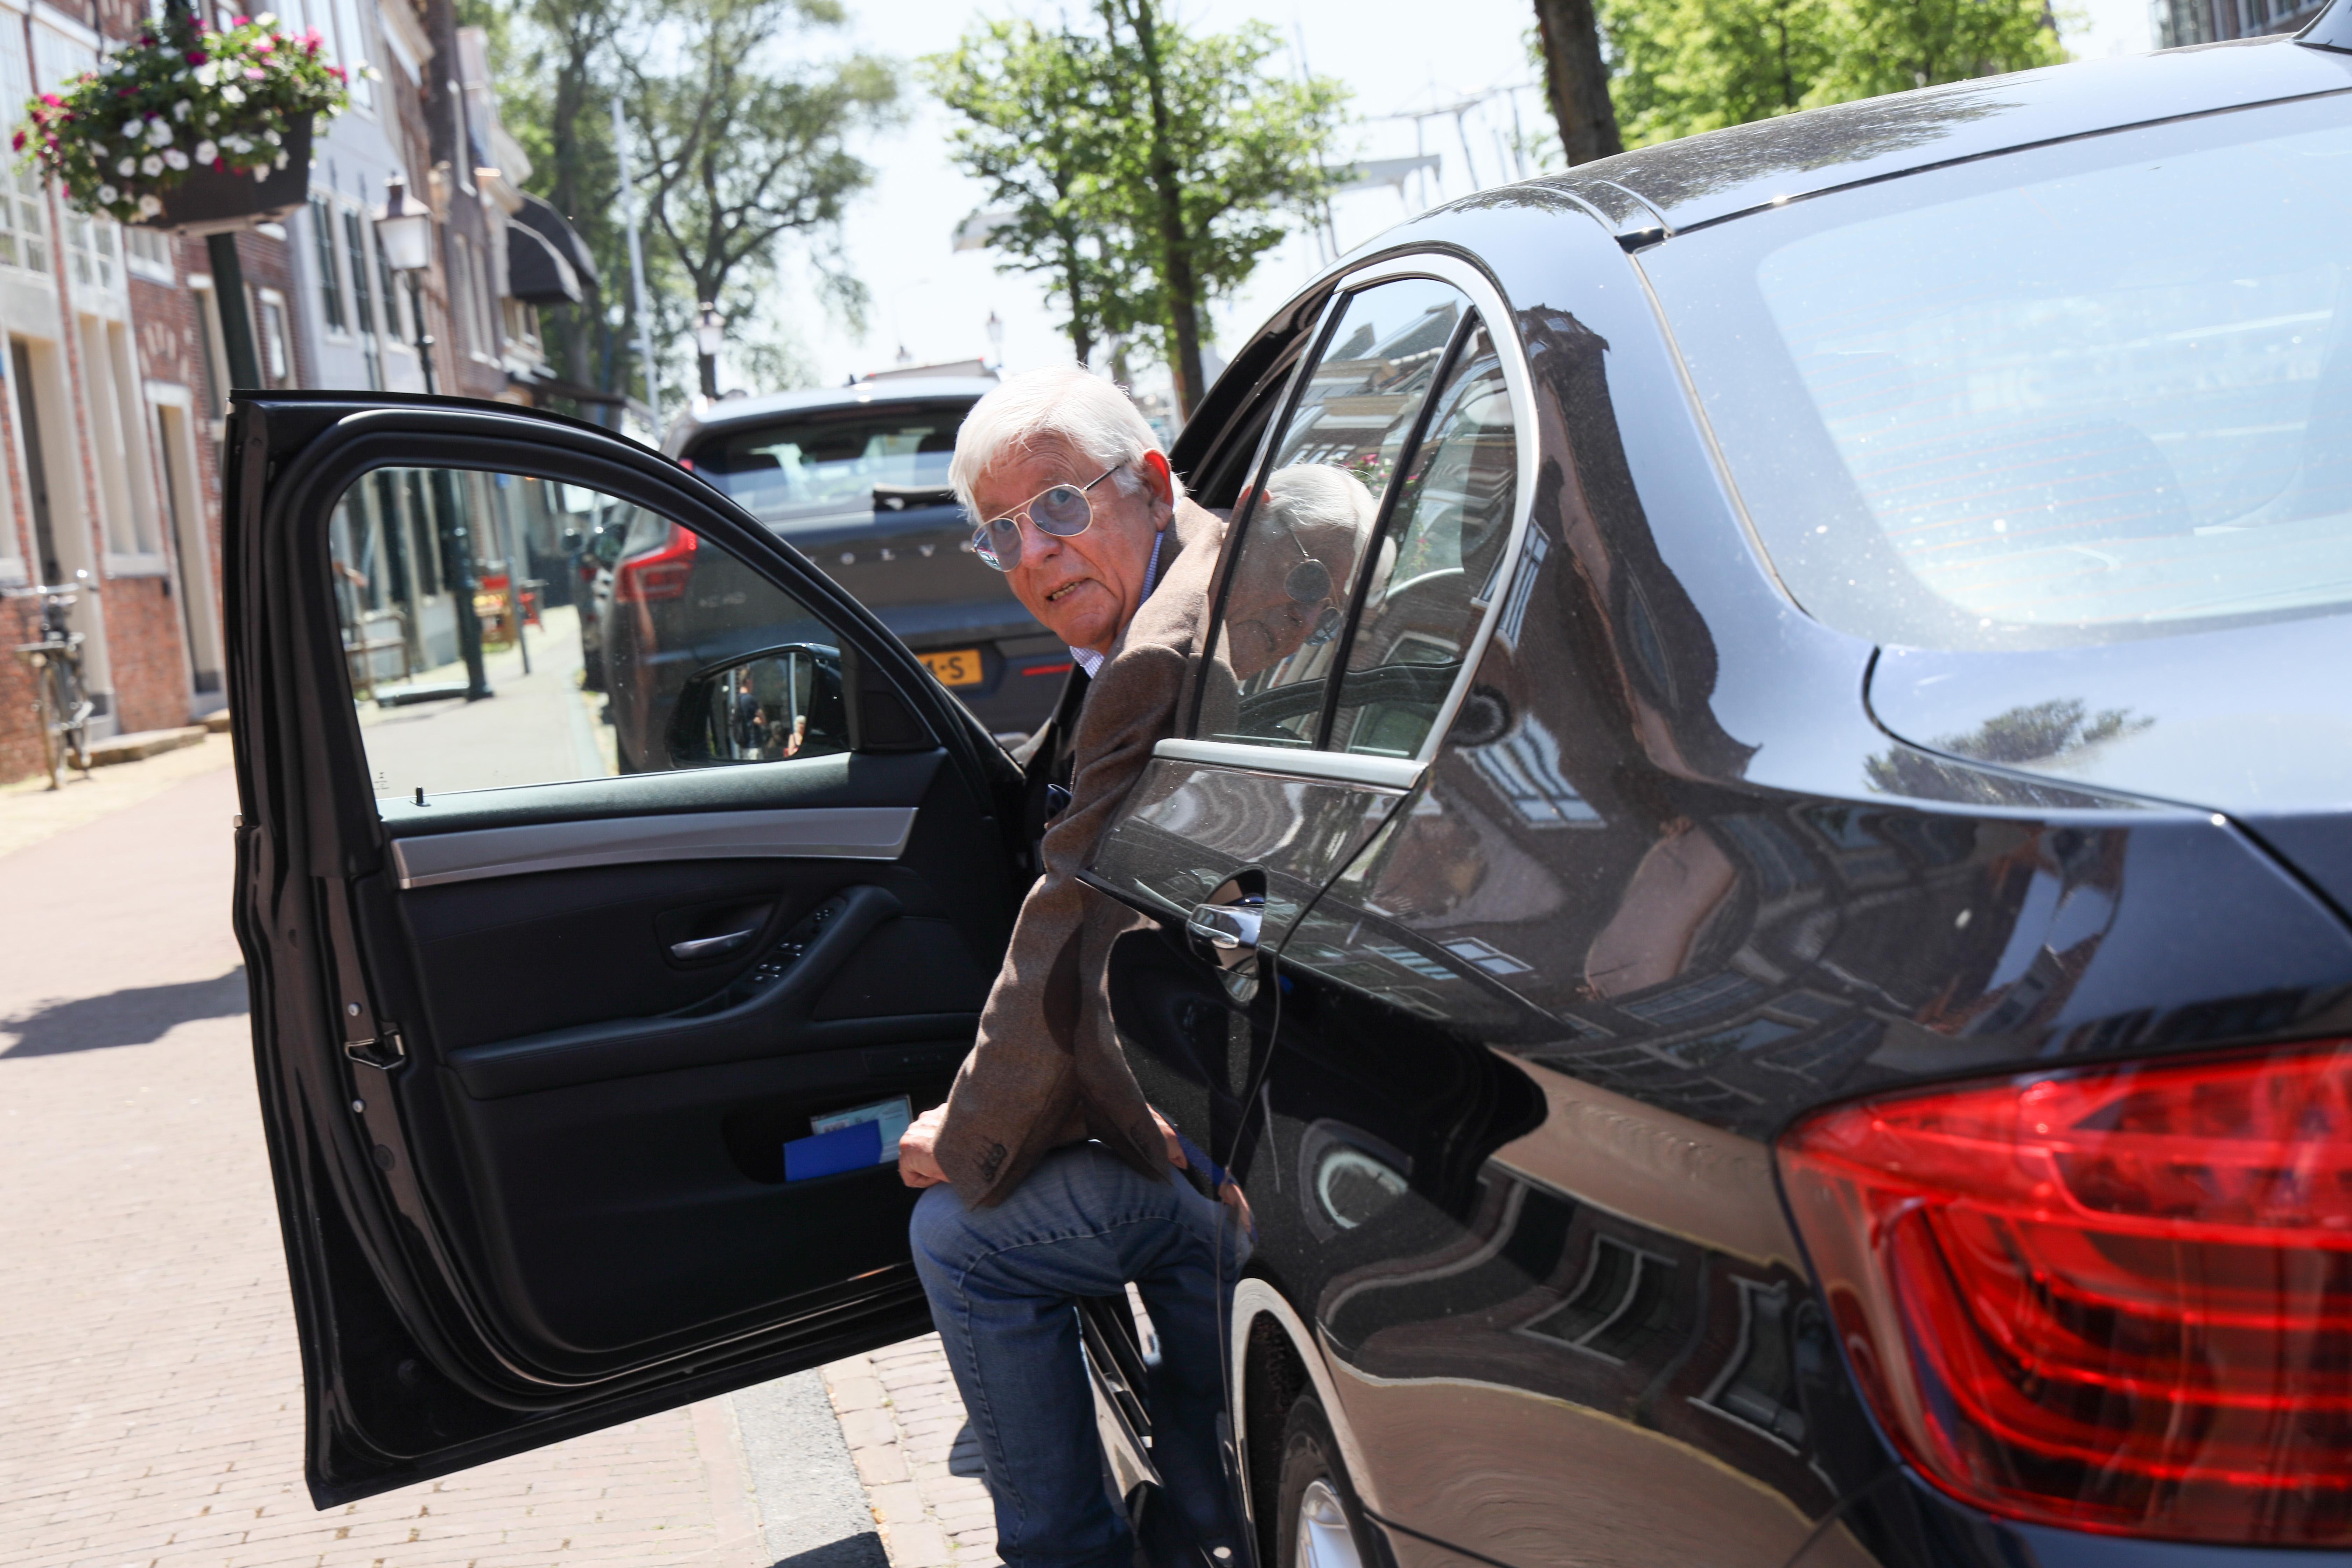 Oud-vliegtuigverkoper Hendrik Baay is 'juridisch uitgespeeld'. Drie jaar lang vocht hij tevergeefs tegen een verkeersboete in Hoorn, de kosten vertienvoudigden